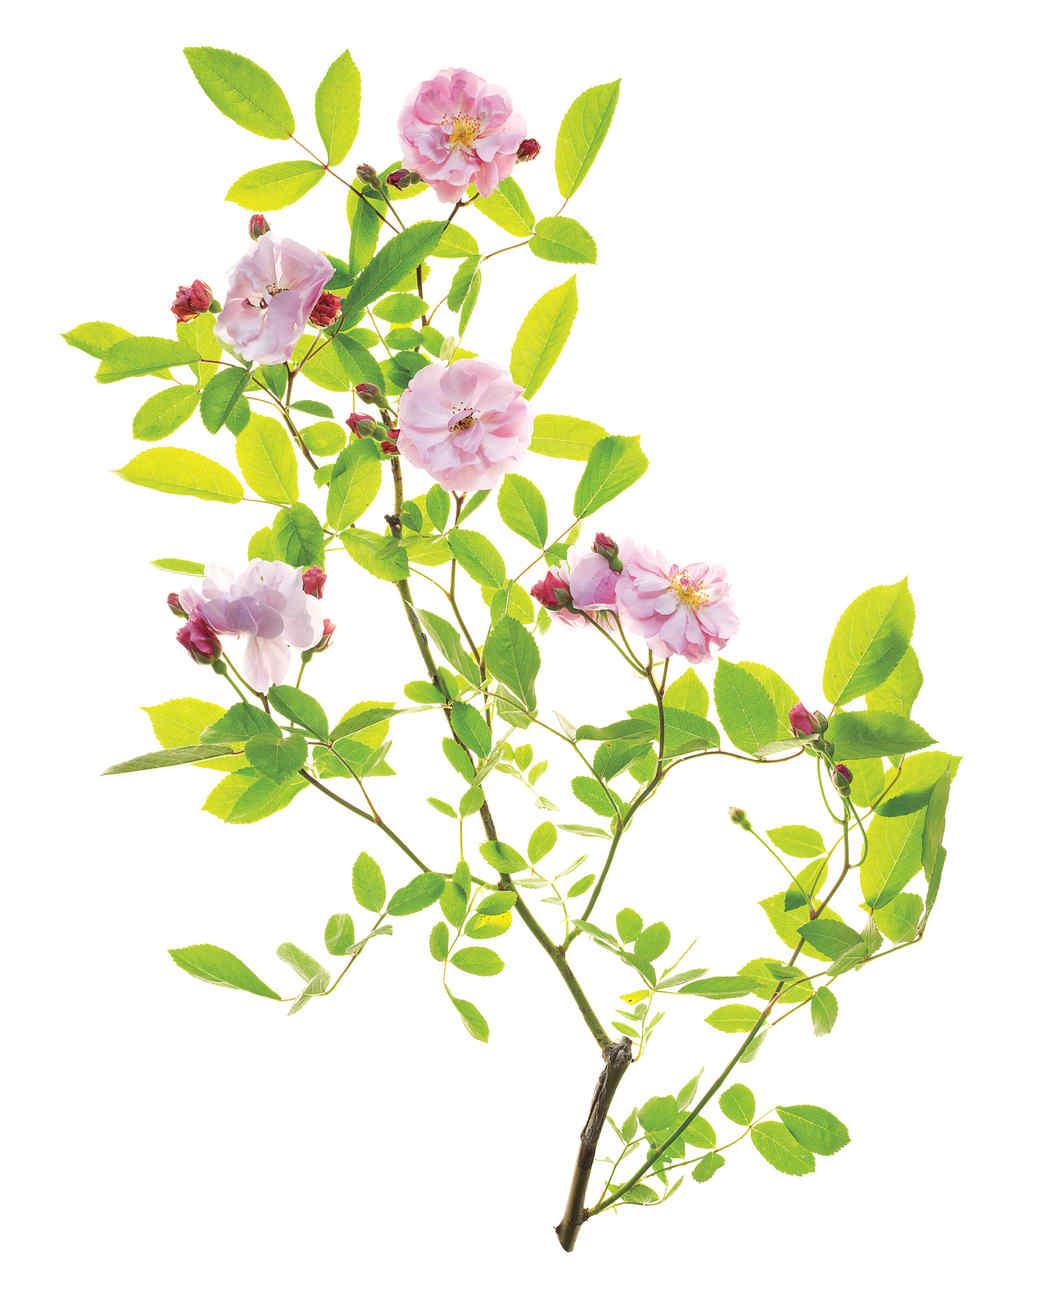 cornelia-rose-ms108508.jpg